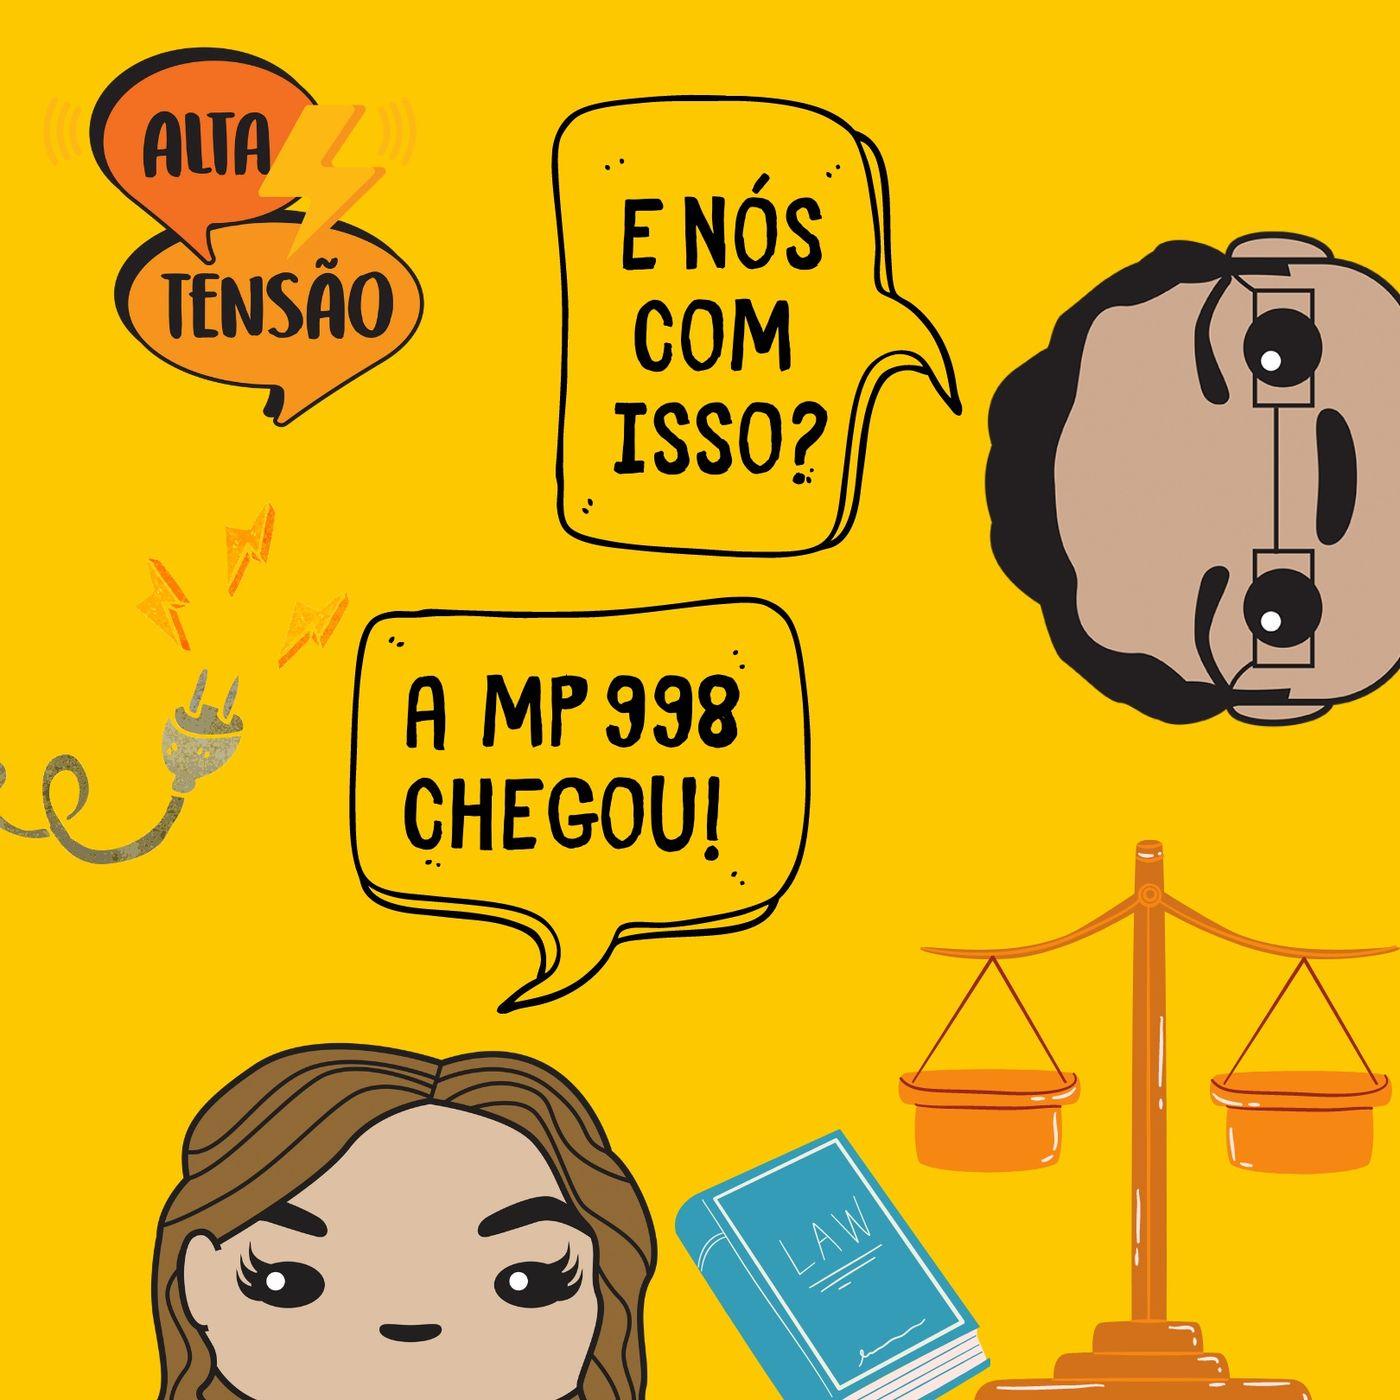 #33 - A MP 998 foi aprovada no Congresso Nacional - e você com isso?